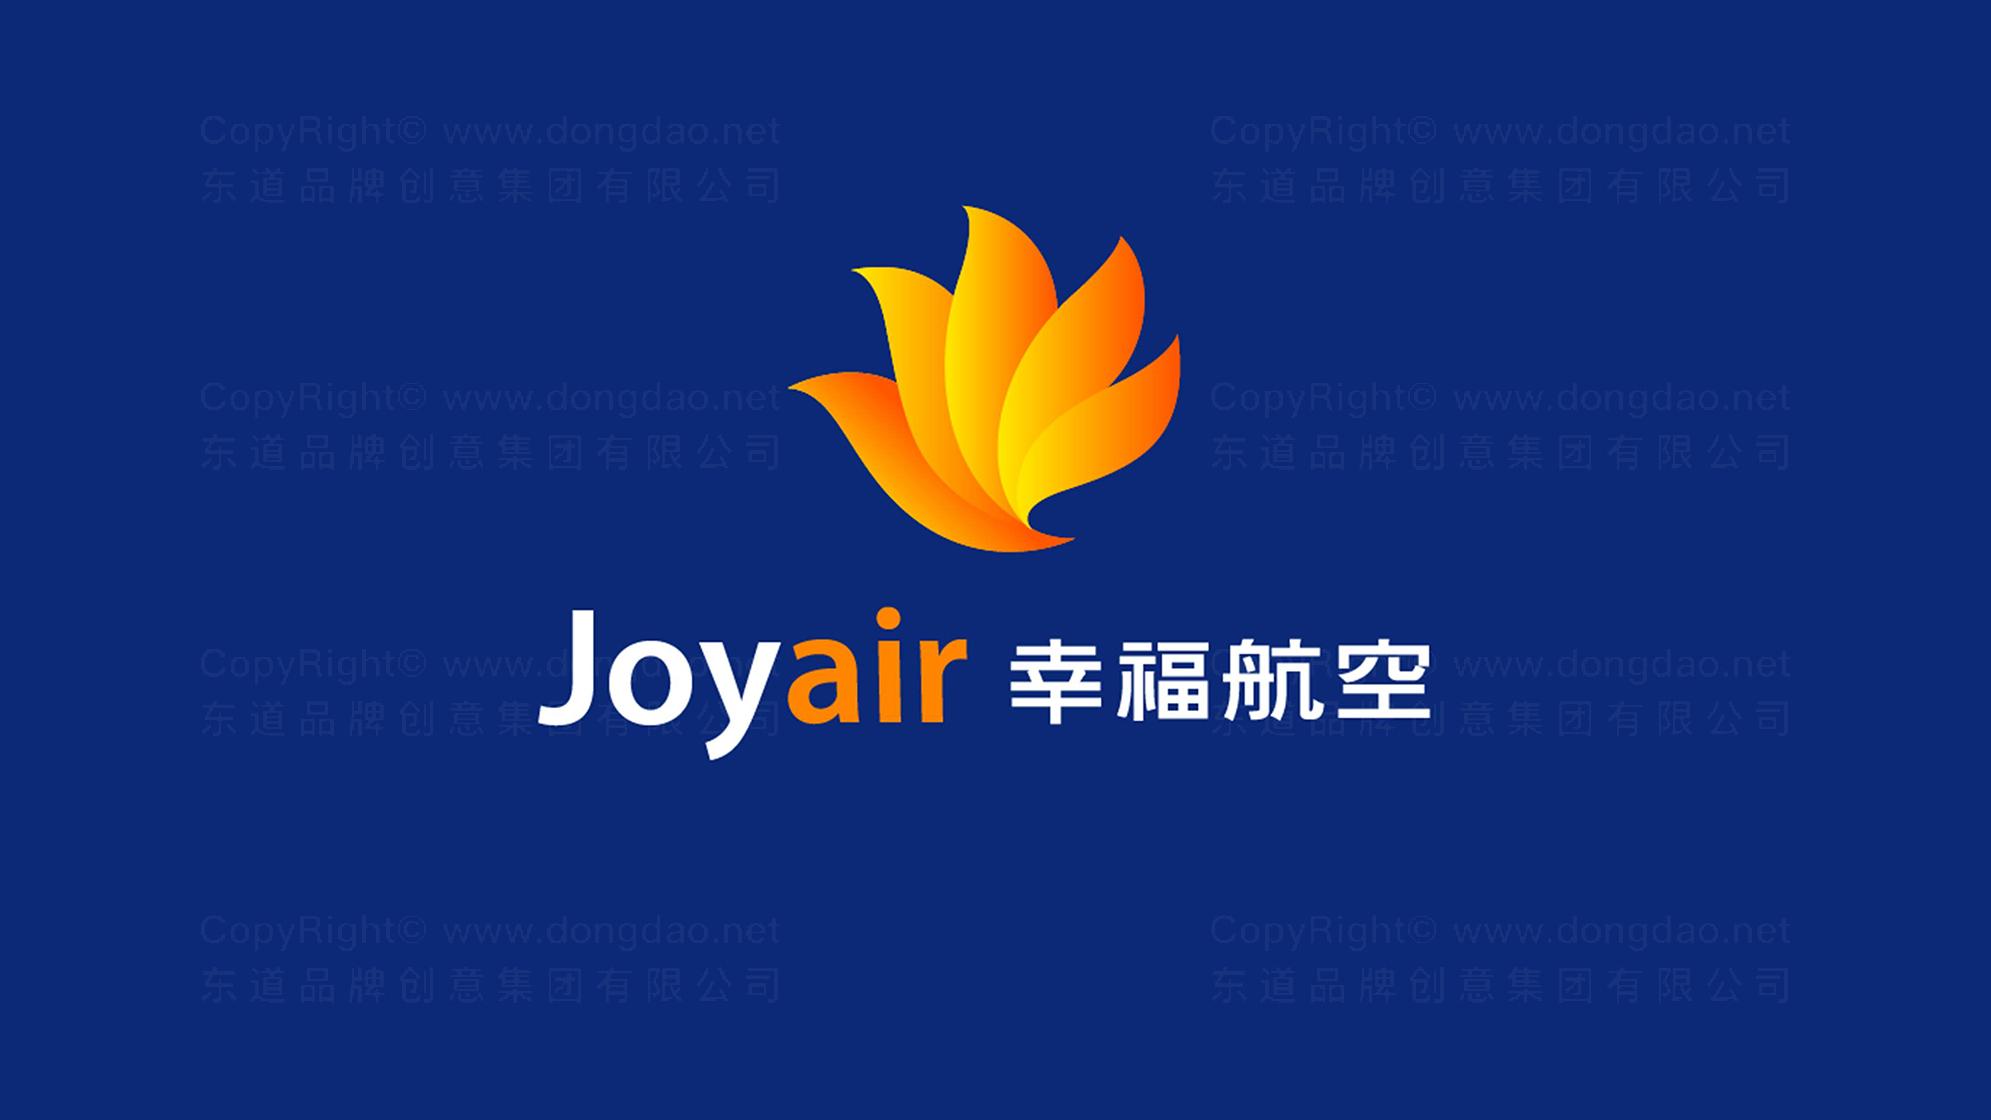 品牌设计幸福航空LOGO&VI设计应用